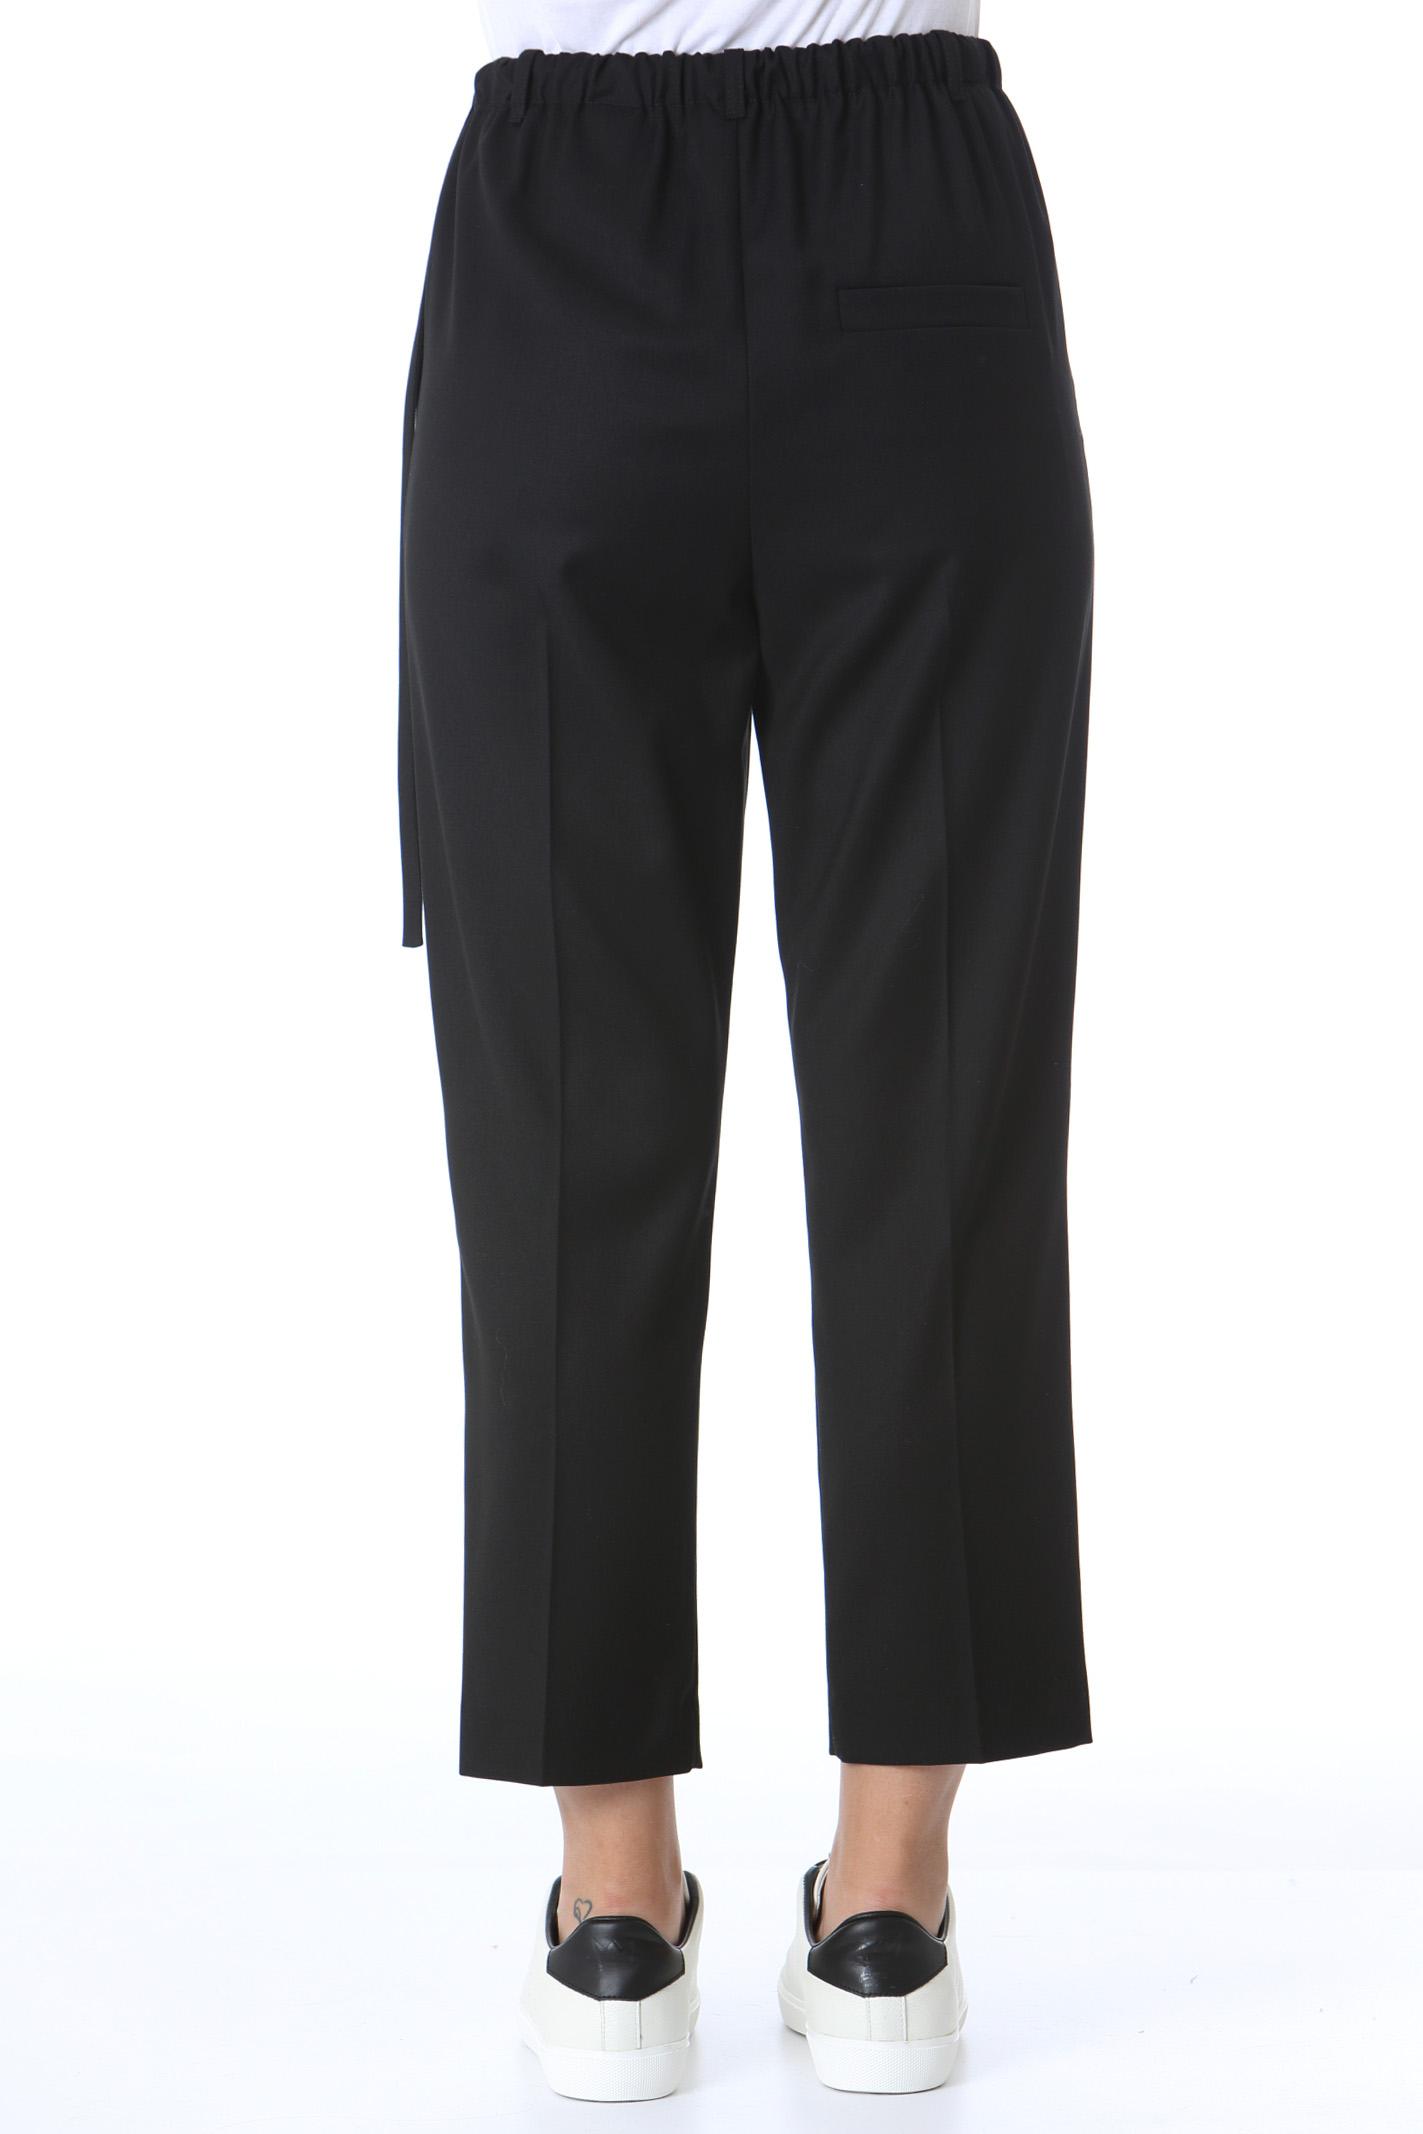 Pantalone donna gabardinaa sigaretta ALYSI   Pantaloni   151123-A1047NE